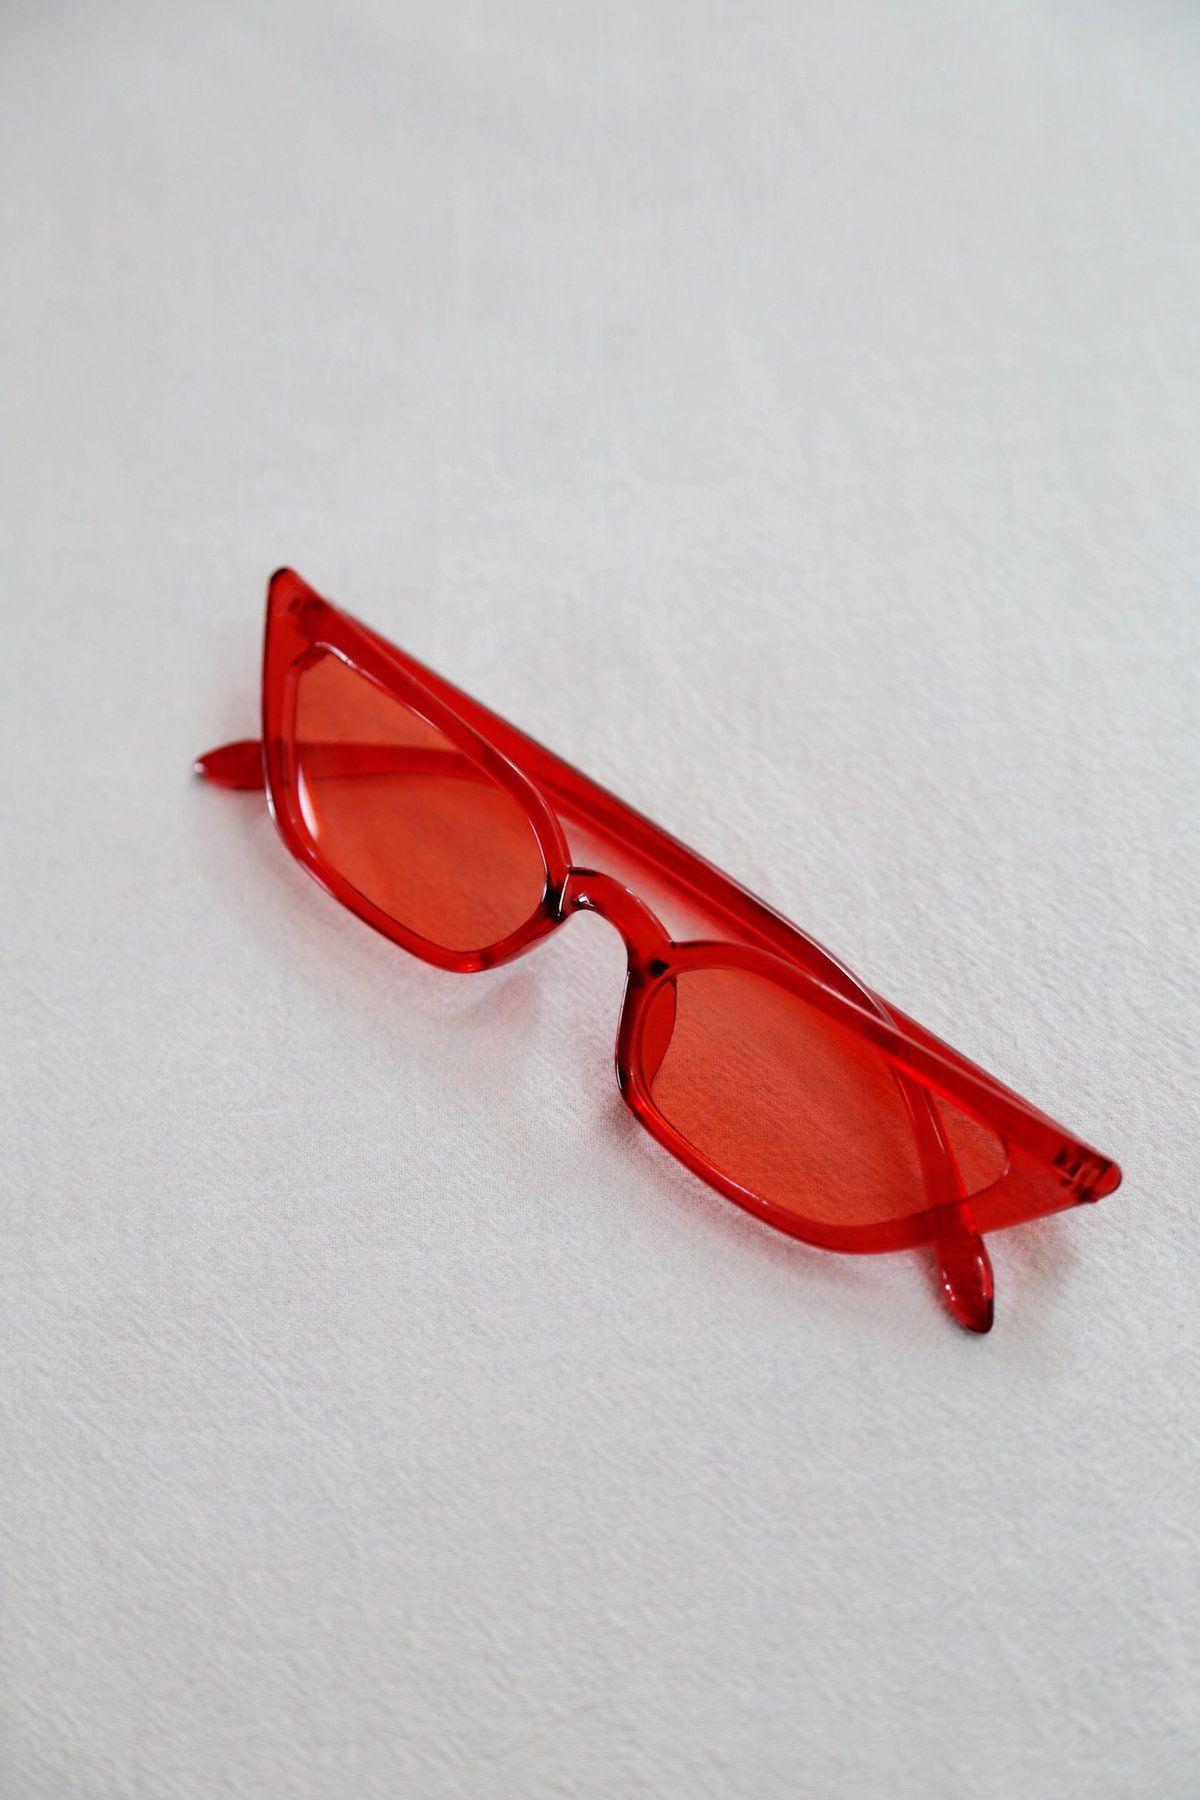 Aliz Sunnies Red Glasses Fashion Stylish Glasses Trendy Glasses